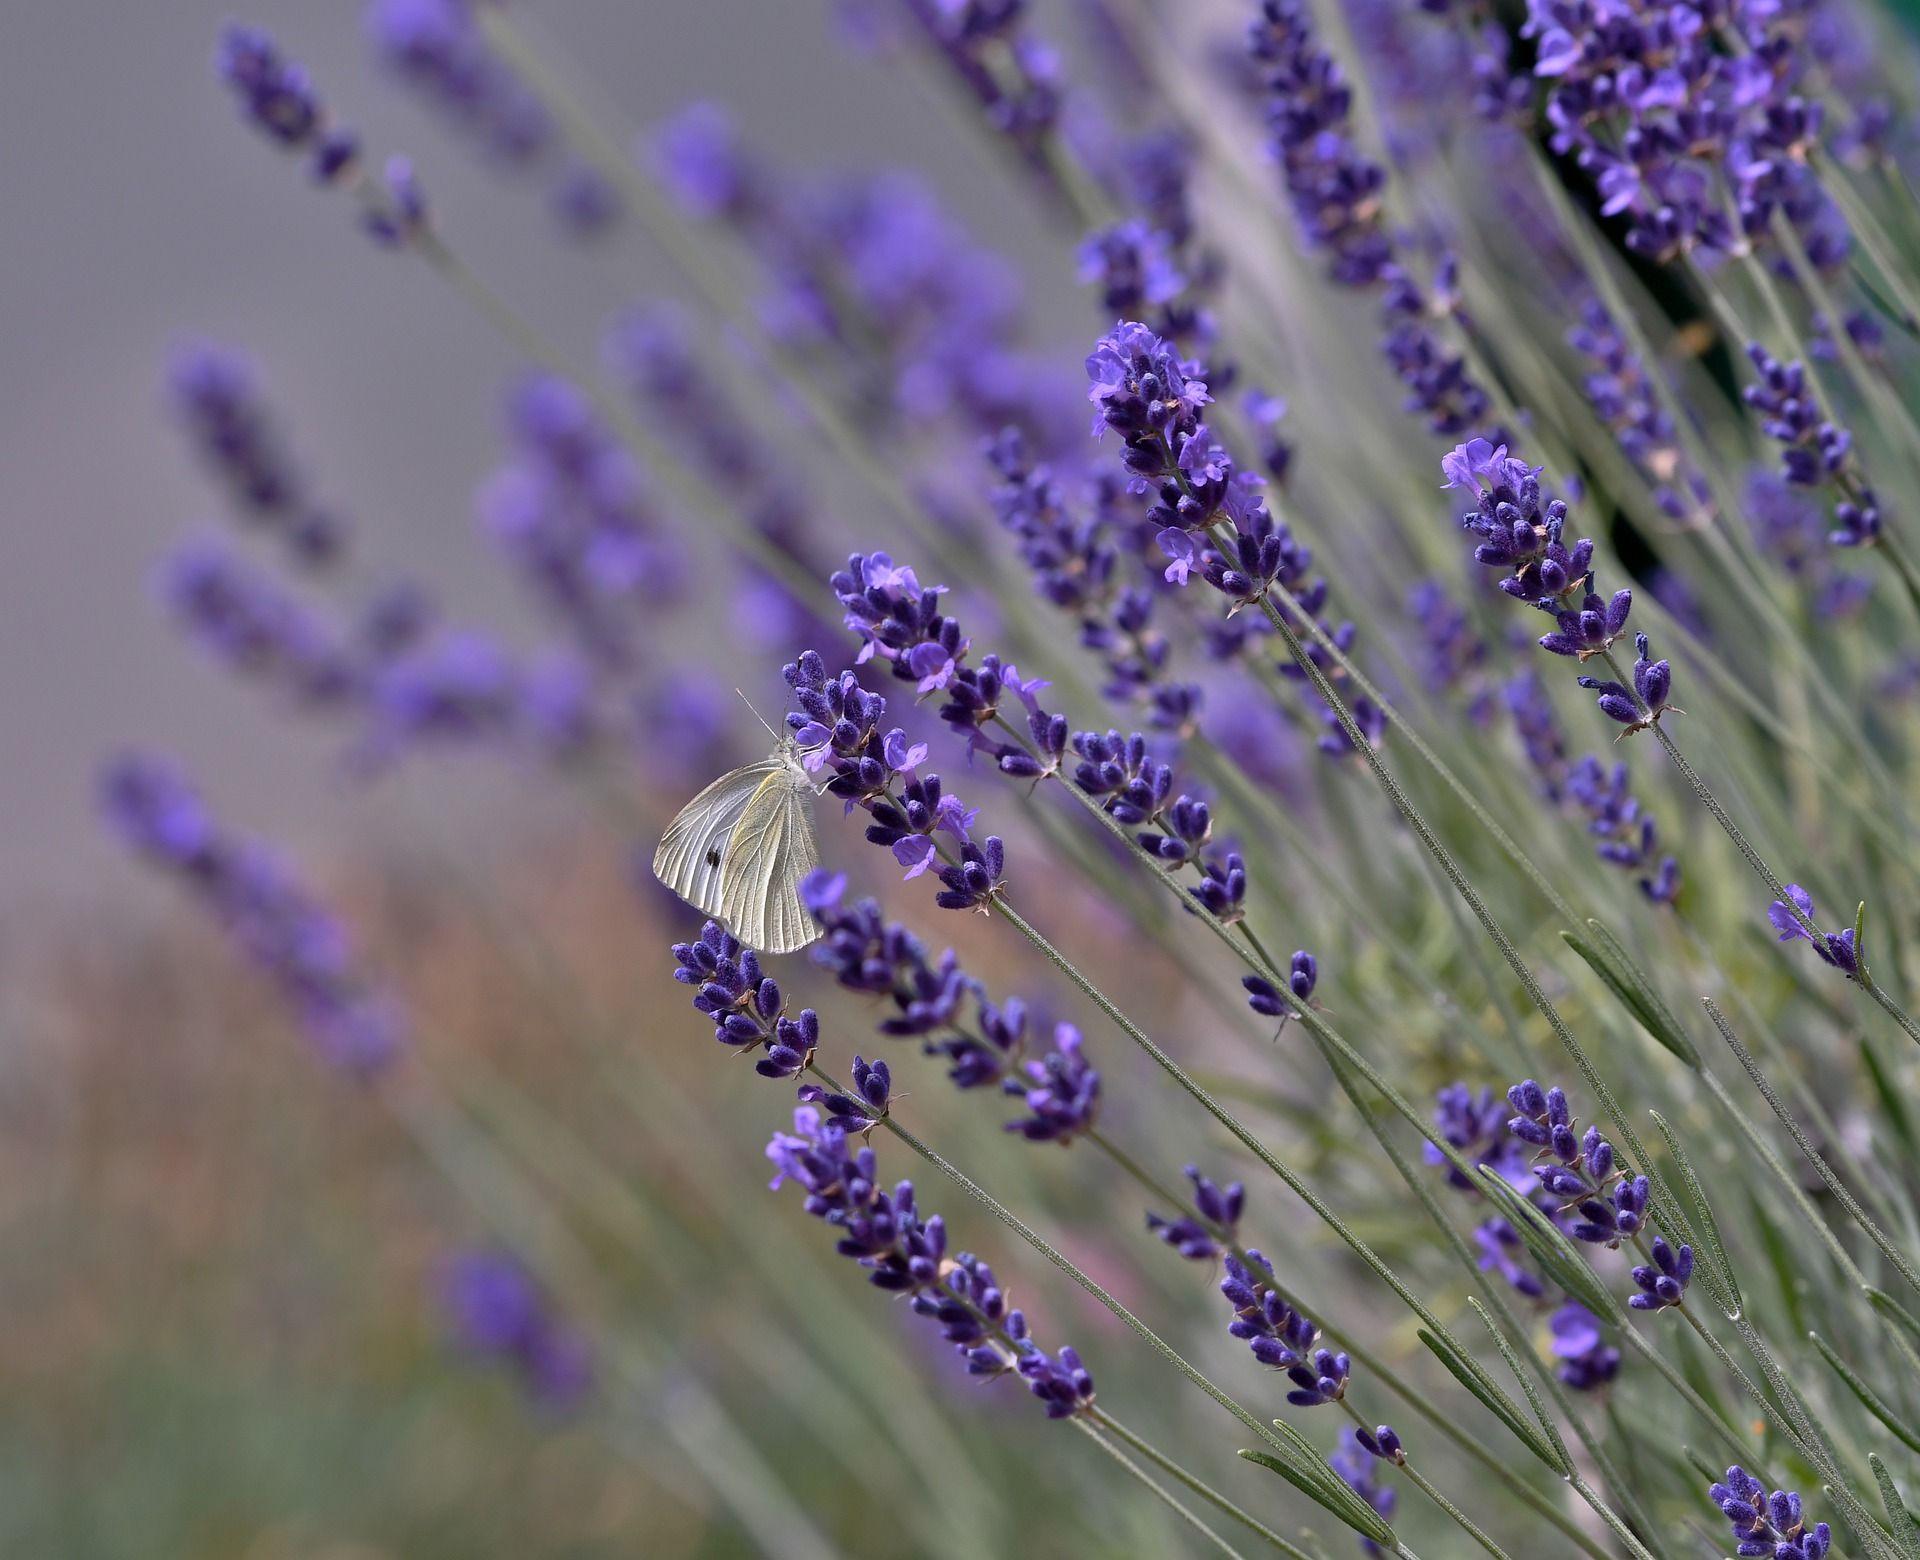 butterfly-4326534_1920.jpg